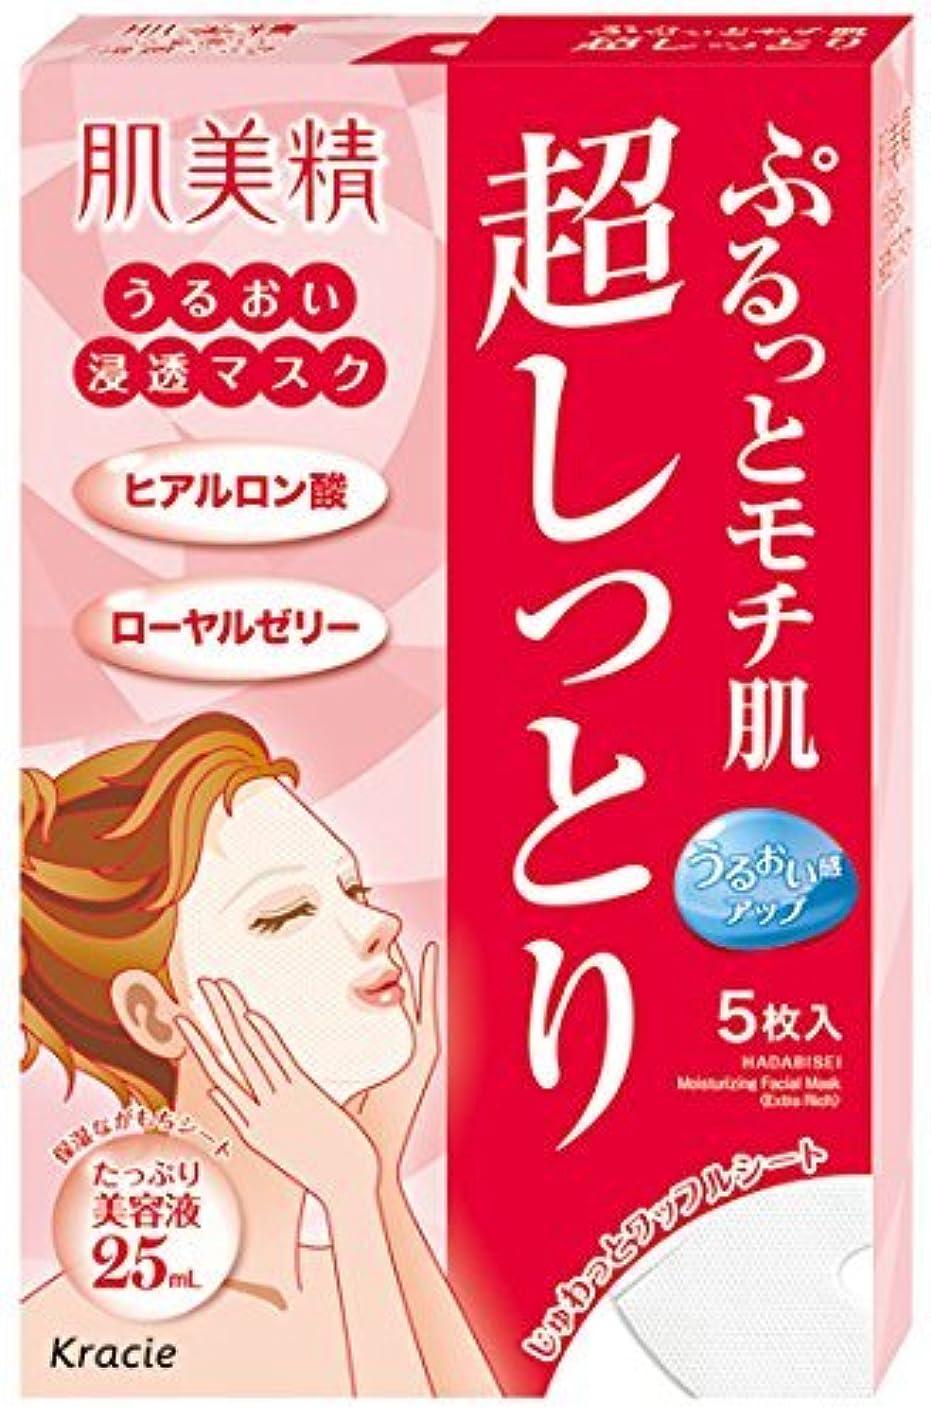 見分ける浸食遠い【セット】 クラシエホームプロダクツ 肌美精 うるおい浸透マスク (超しっとり) 5枚入 (美容液25mL/1枚) 5個セット